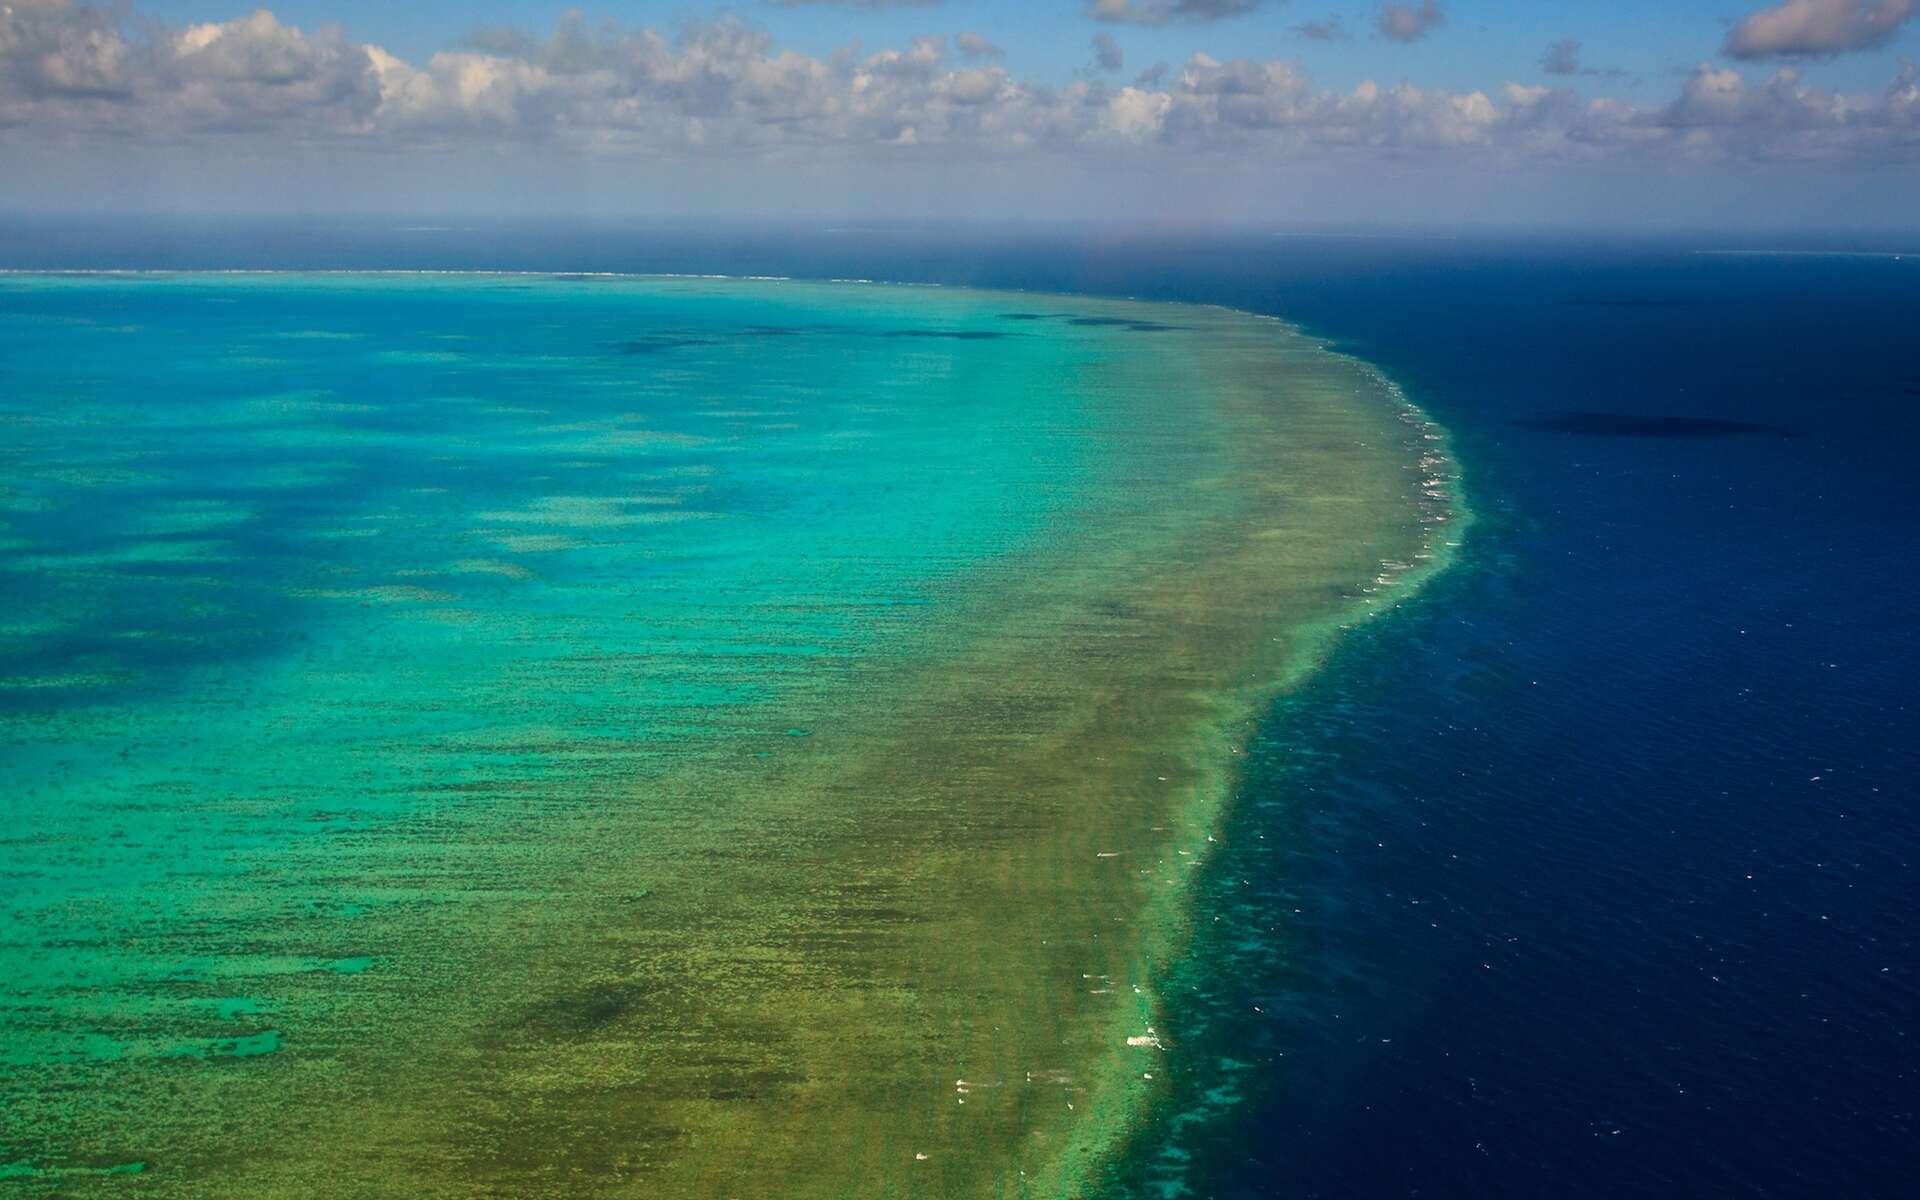 Représentant moins de 0,1 % de la surface des océans, les récifs coralliens comme celui de la Grande Barrière de corail australienne abritent environ un quart des espèces marines. L'acidification des océans menace de les mettre en péril d'ici 2050. © Pete Niesen, Shutterstock.com